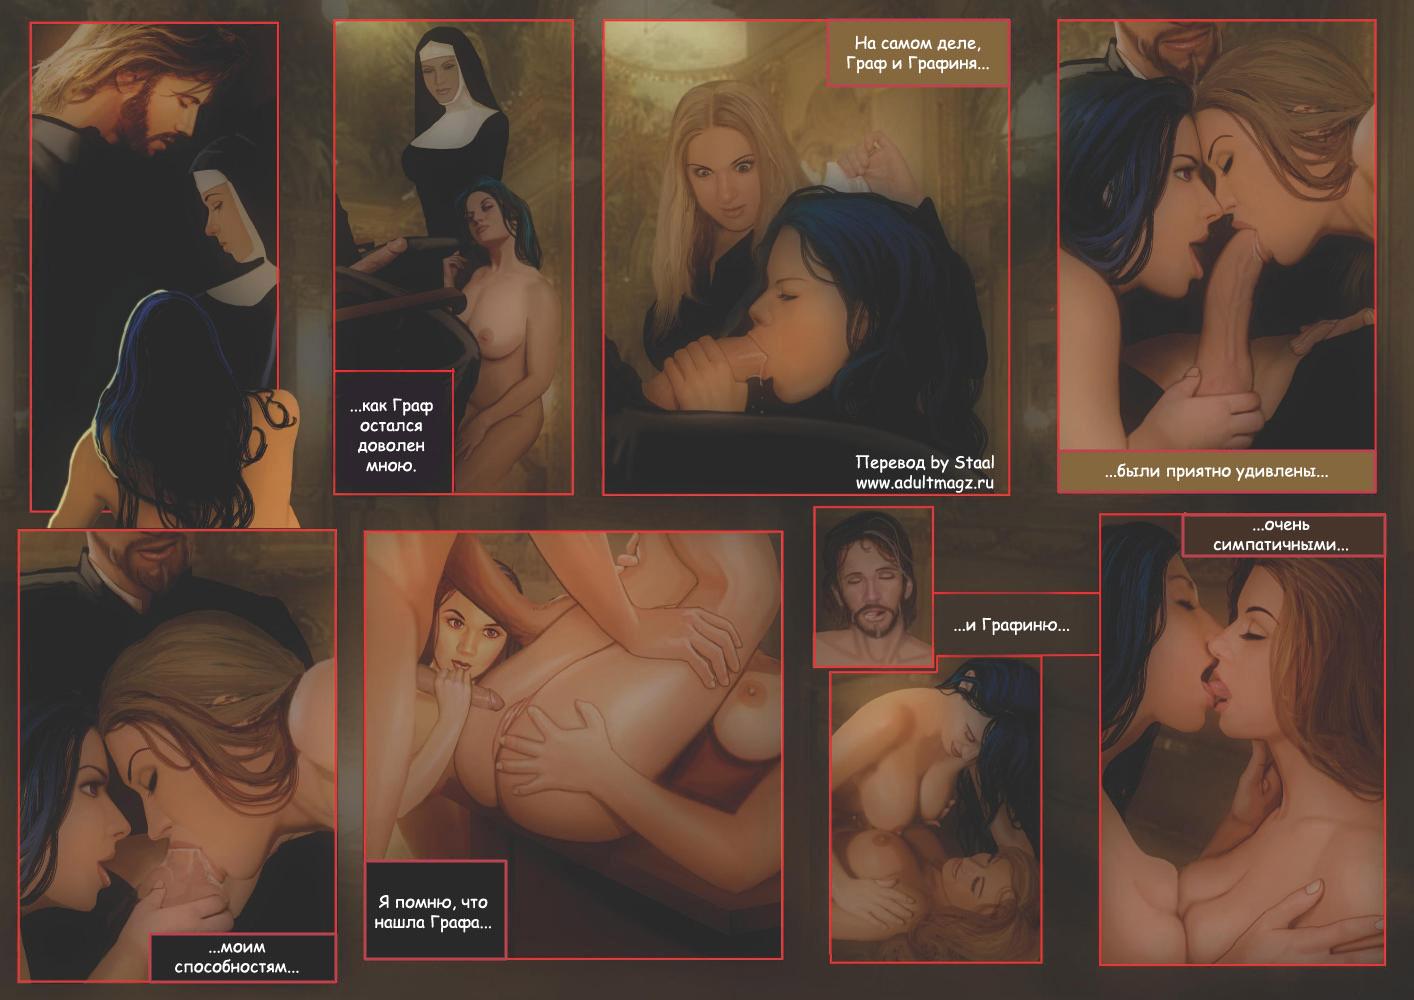 Развратное порно в монастыре 8 фотография